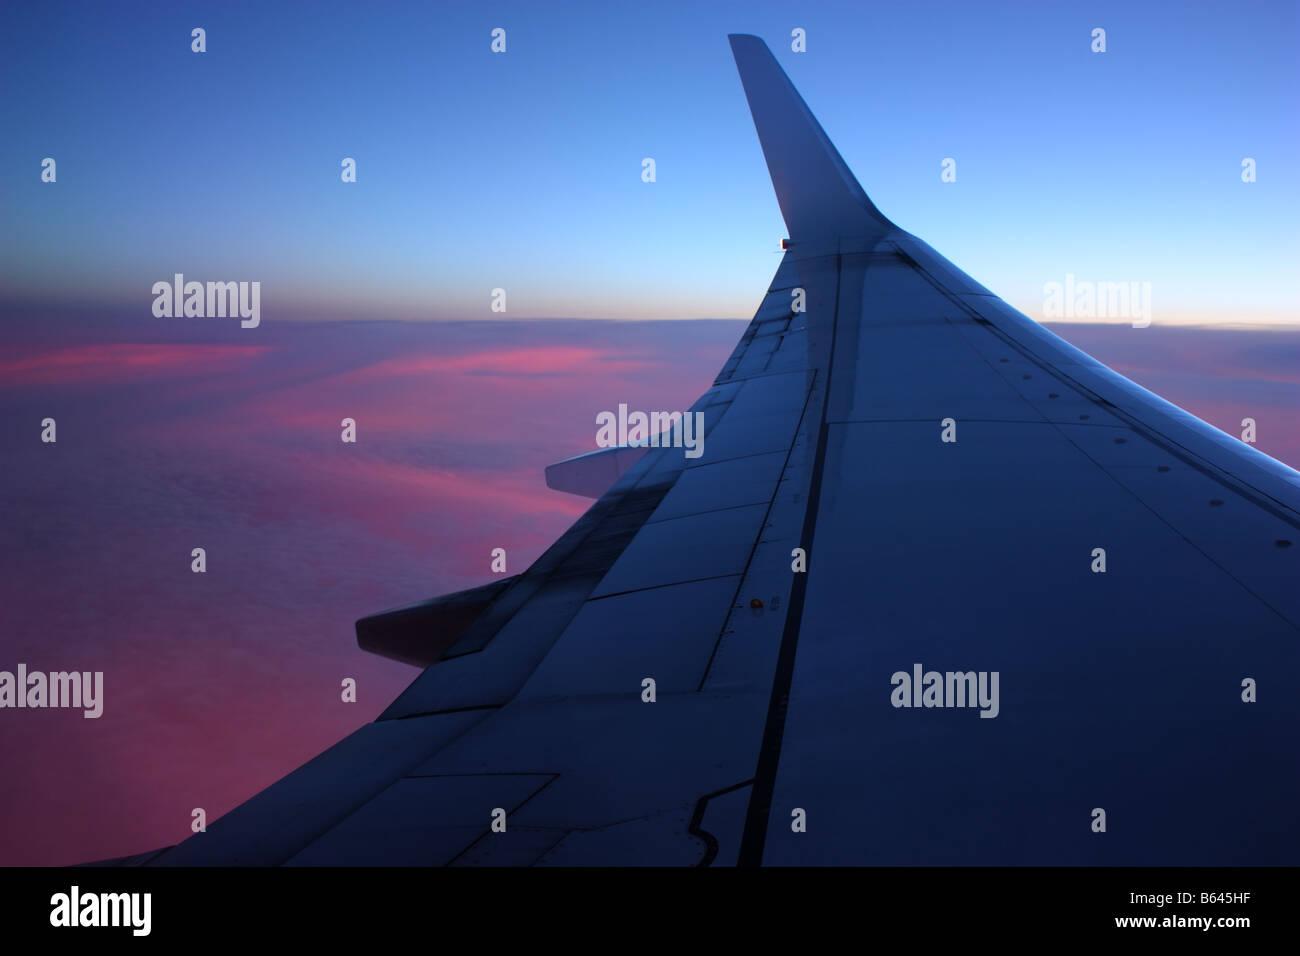 Une vue de l'air d'un coucher de soleil sur l'Australie Banque D'Images